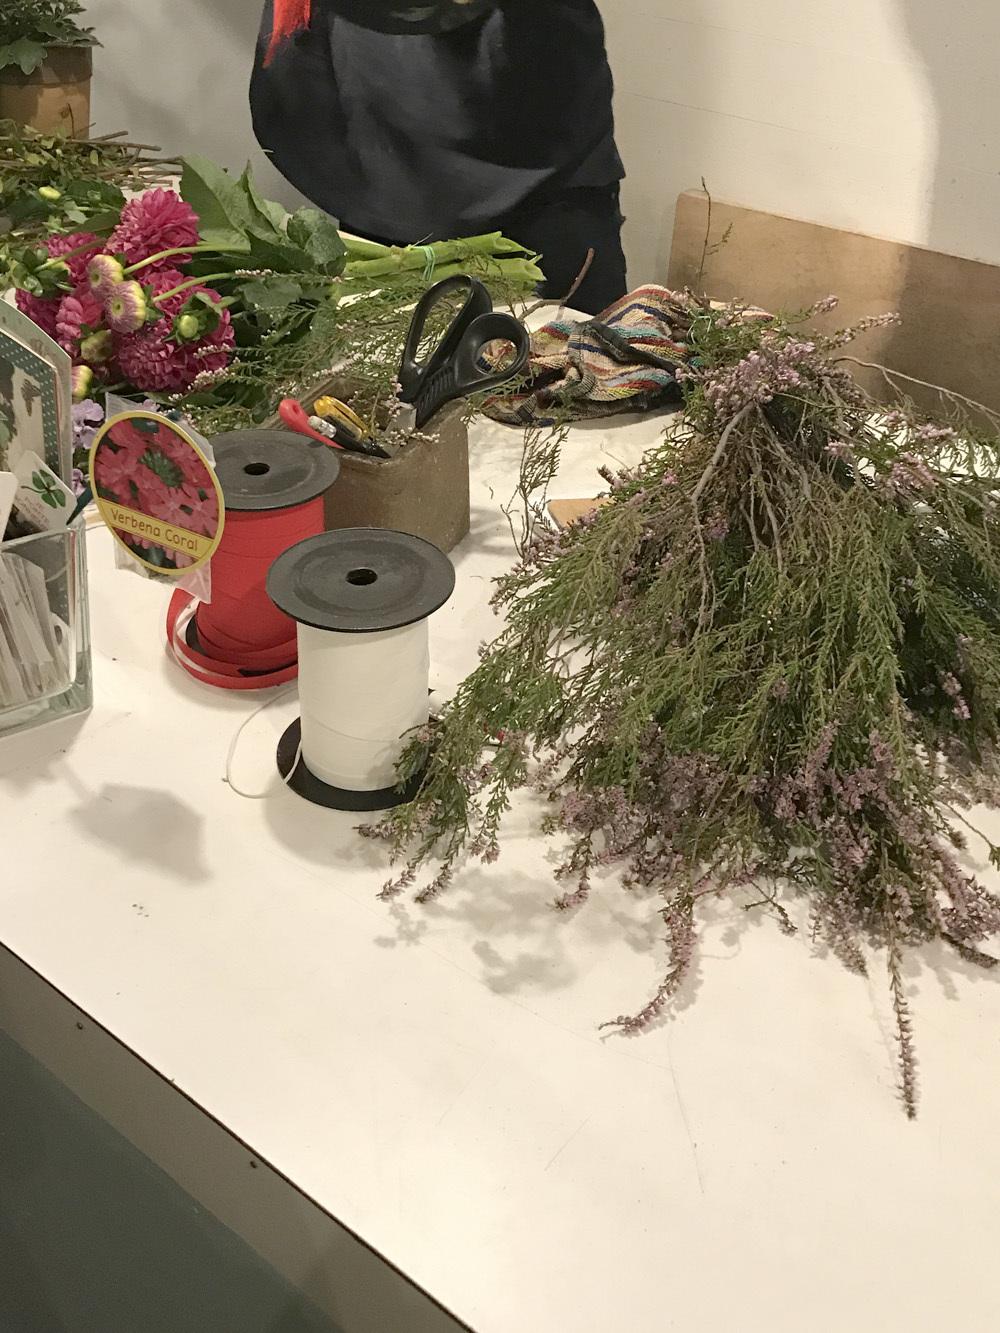 パリのお花屋さん・marianne のバースデー(パリ便り その2)_c0176078_15060809.jpg